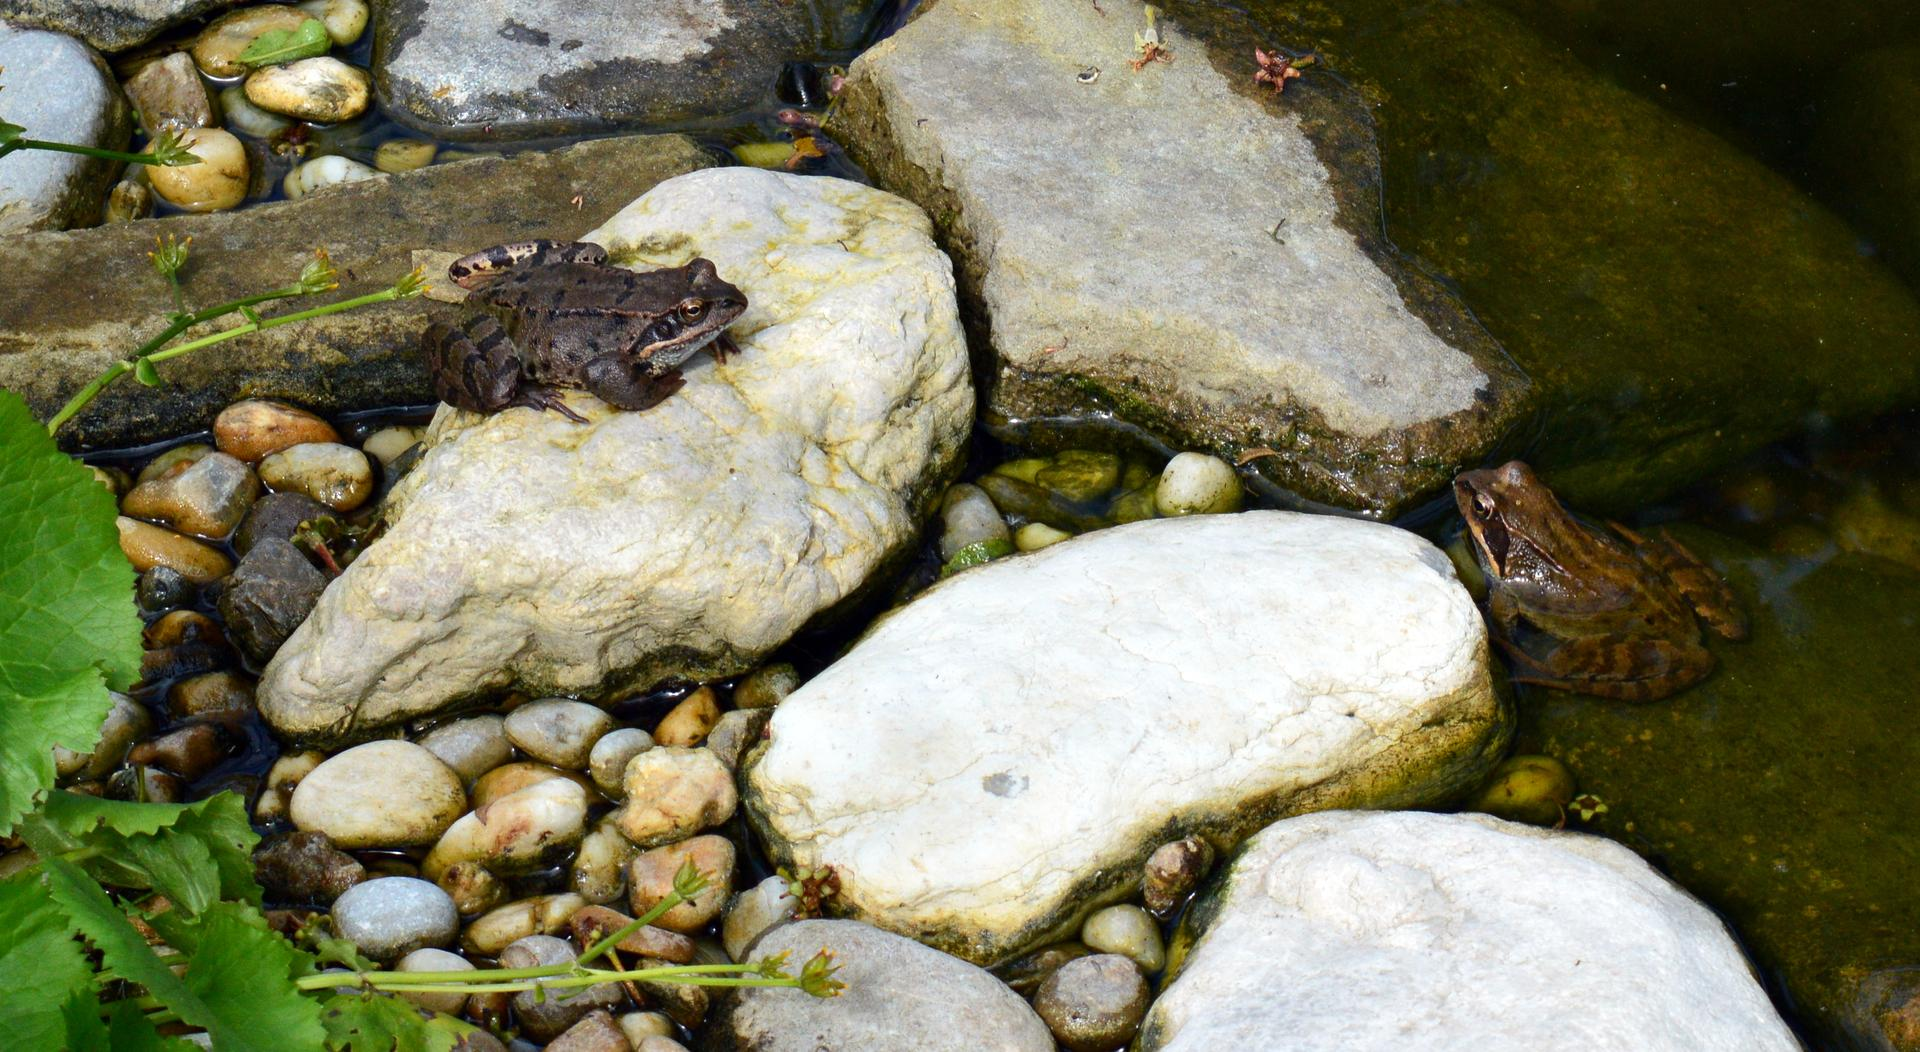 Naša prírodná perma záhradka v roku 2020 - Žabčo a Žabinka - začiatkom júla sa niekam presunuli a ich deti tiež. Jazierko je napriek tomu plné života. (foto polovica júna)